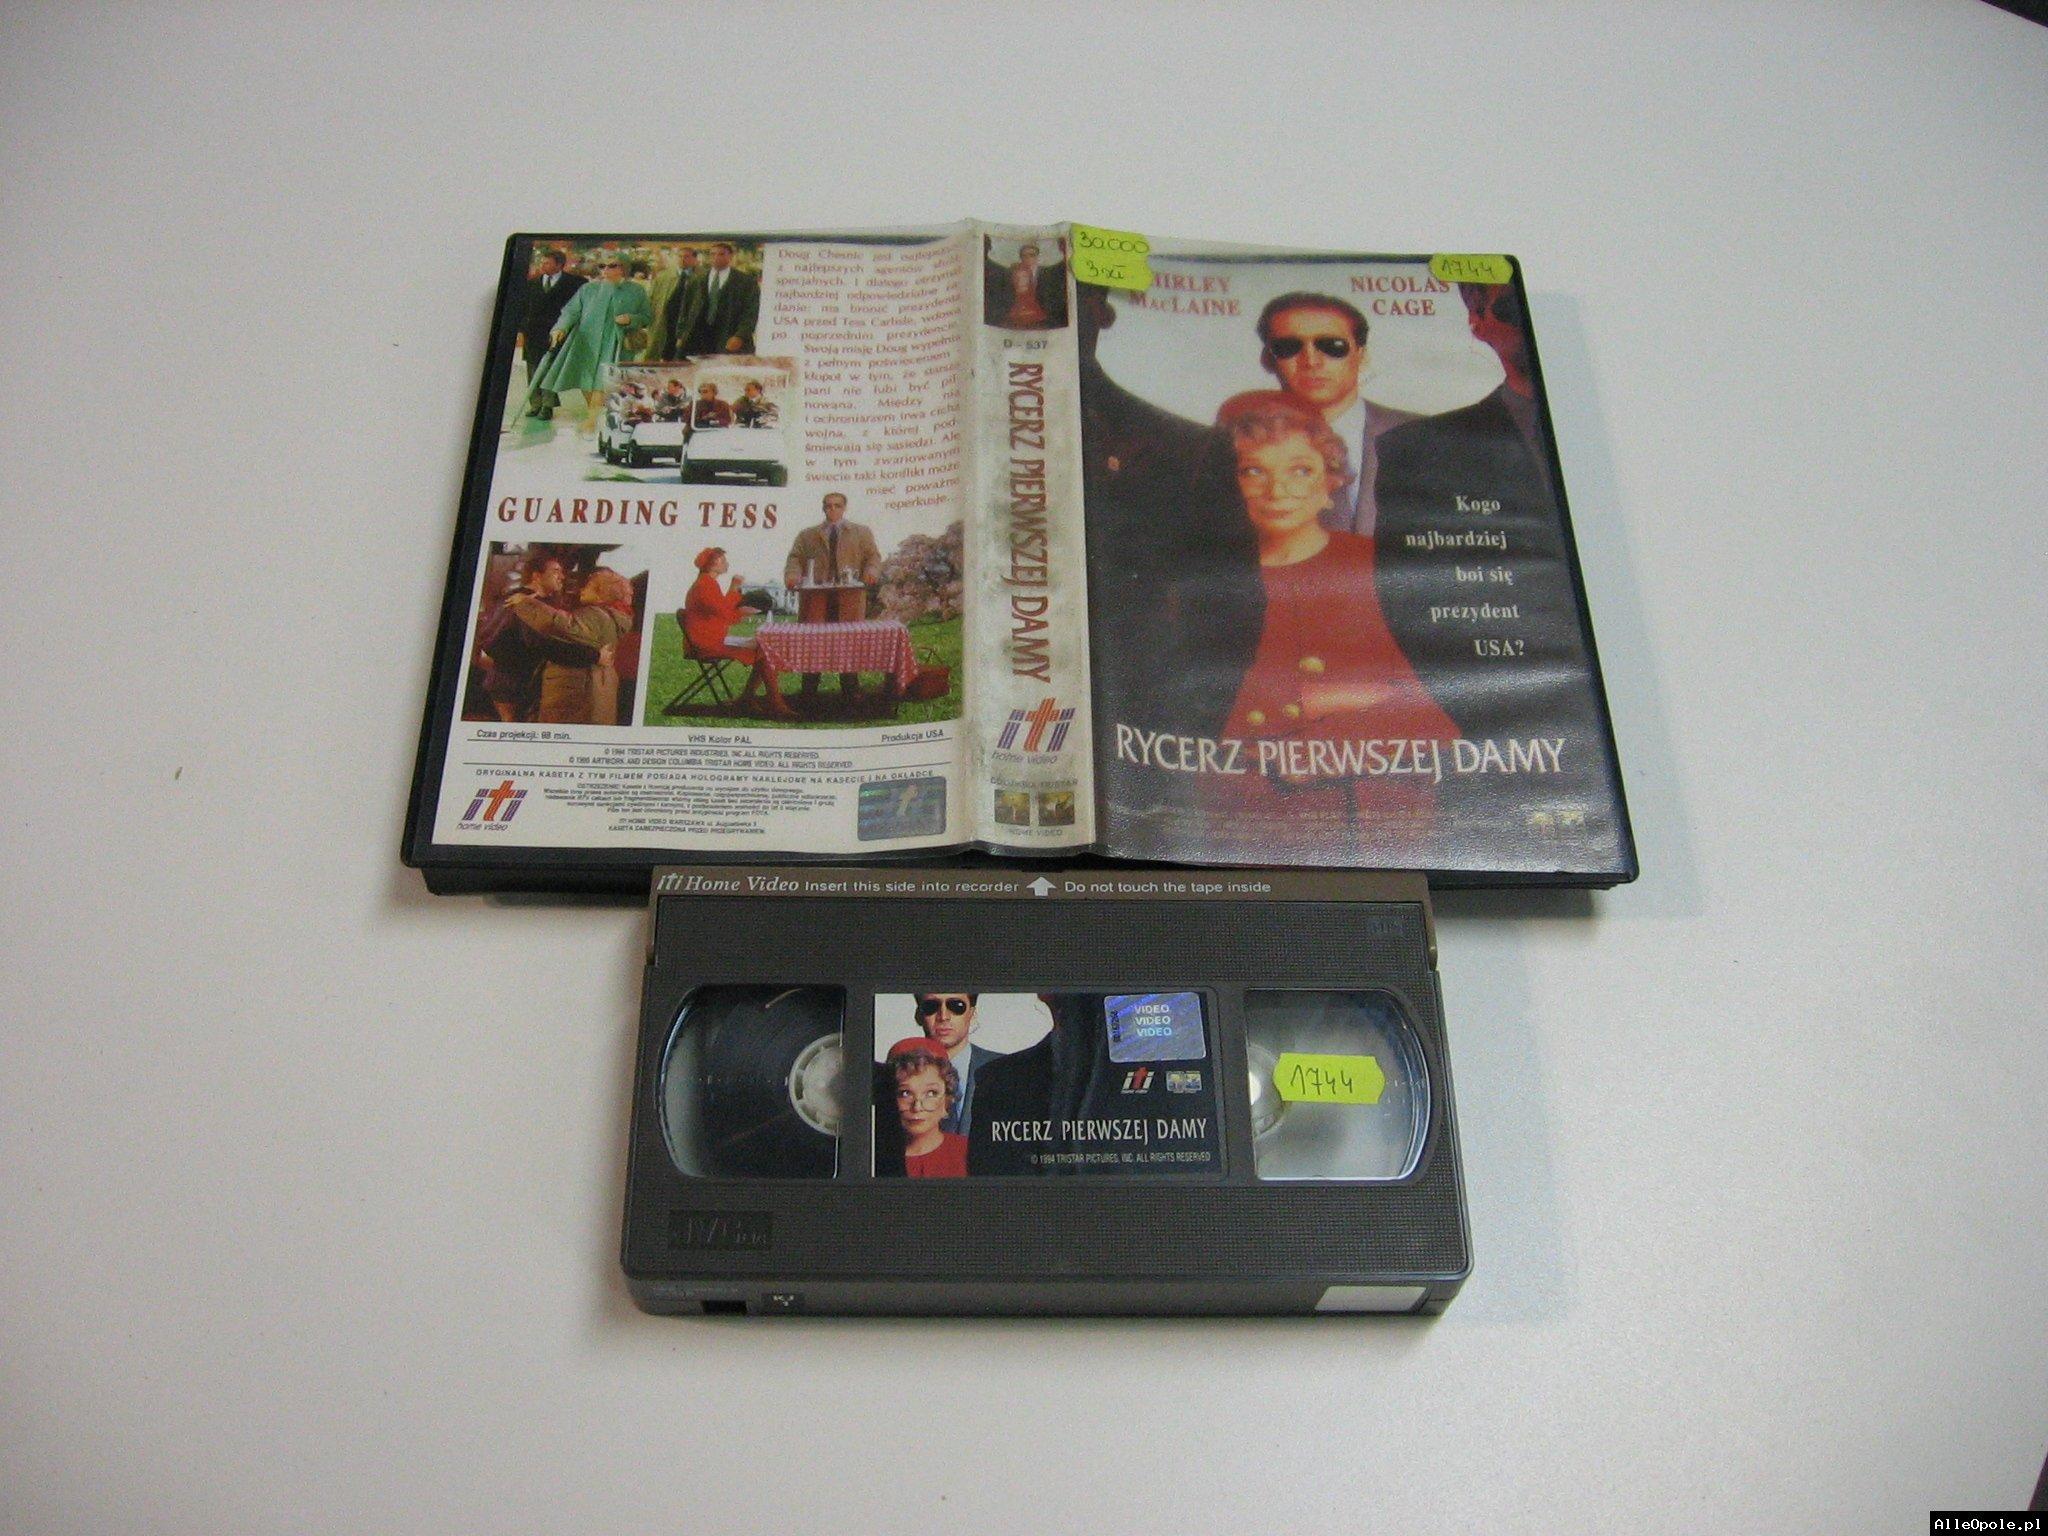 RYCERZ PIERWSZEJ DAMY - VHS Kaseta Video - Opole 1825